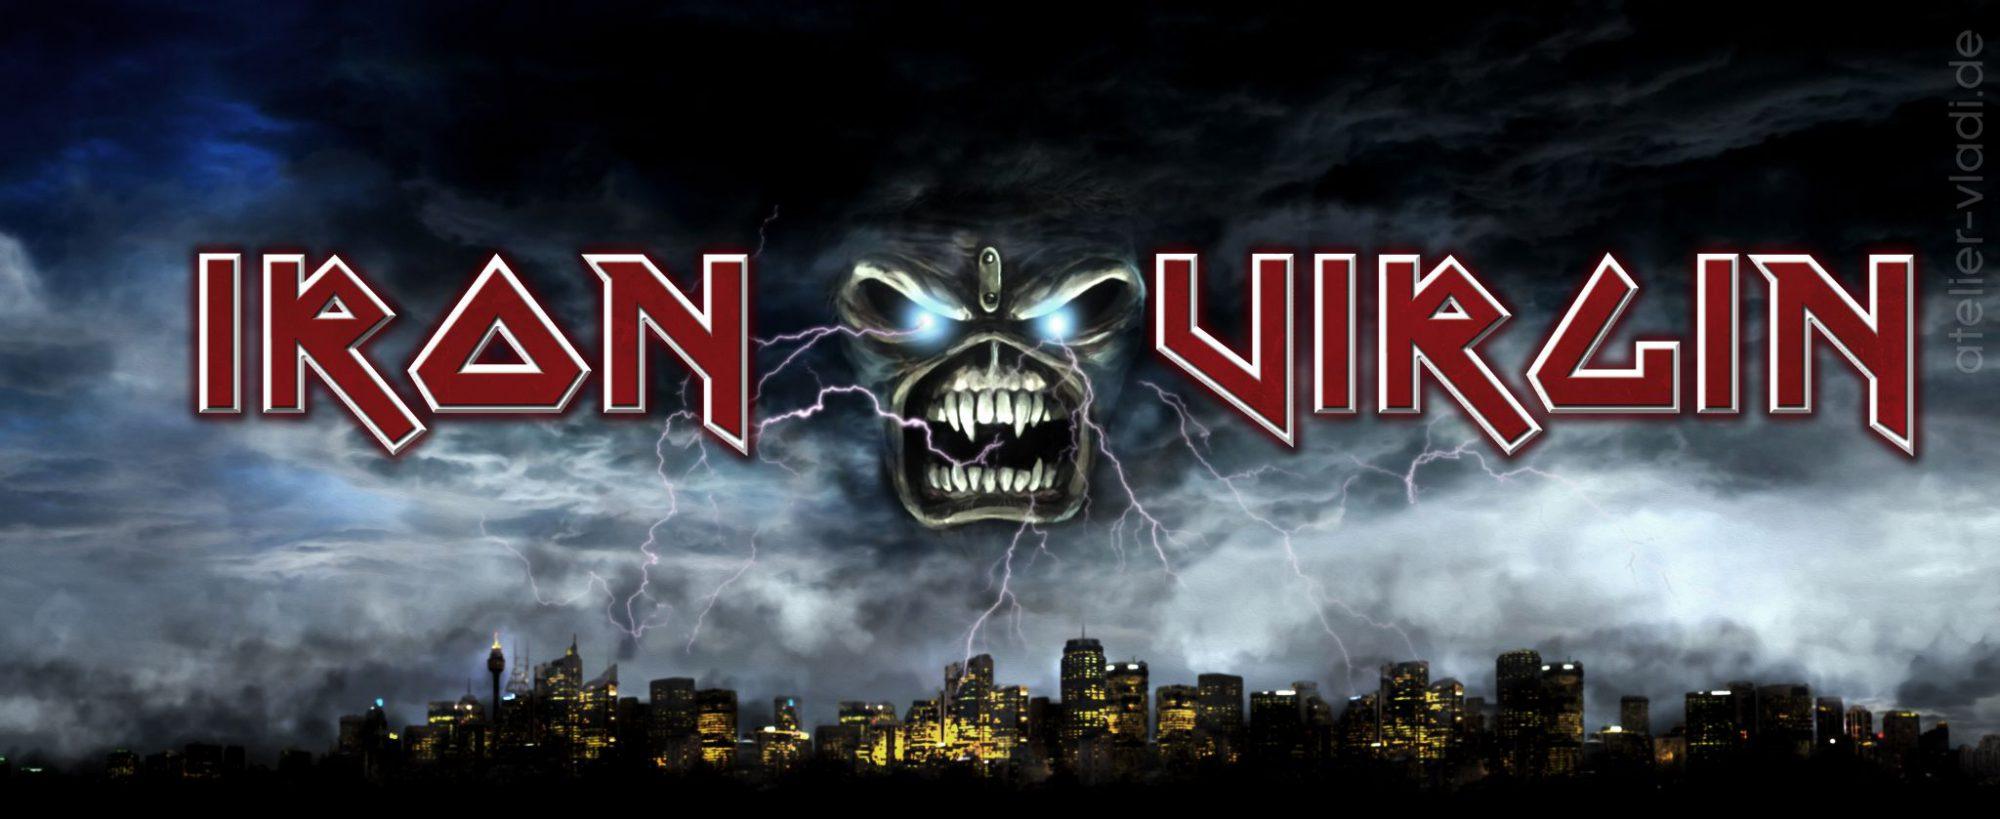 Skyline Blitze Stadt Eddy Iron Maiden Iron Virgin